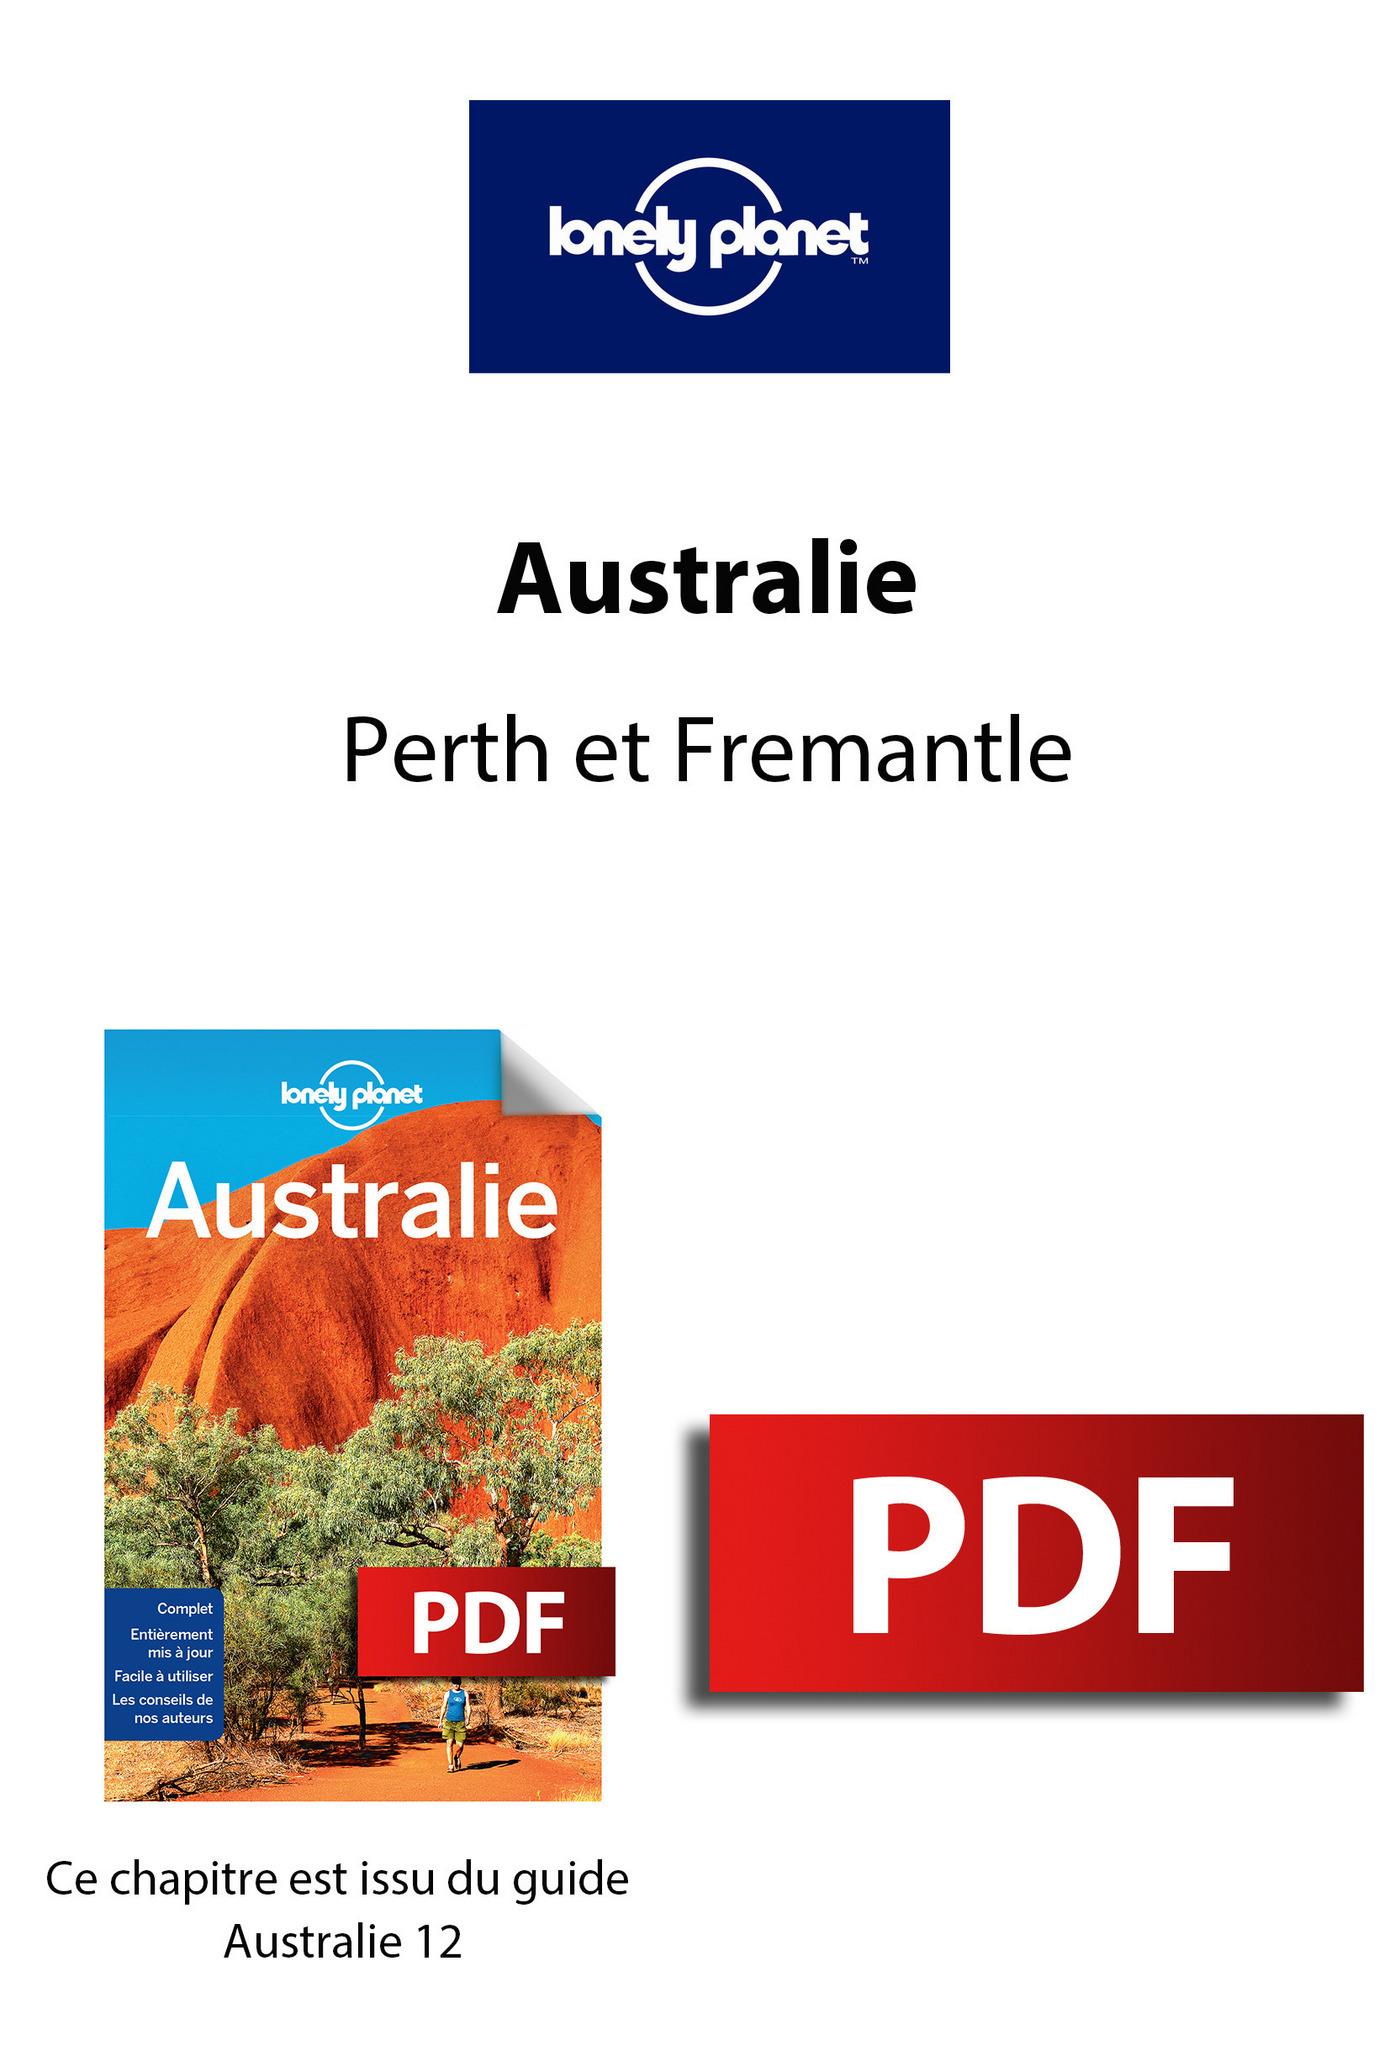 Australie - Perth et Fremantle